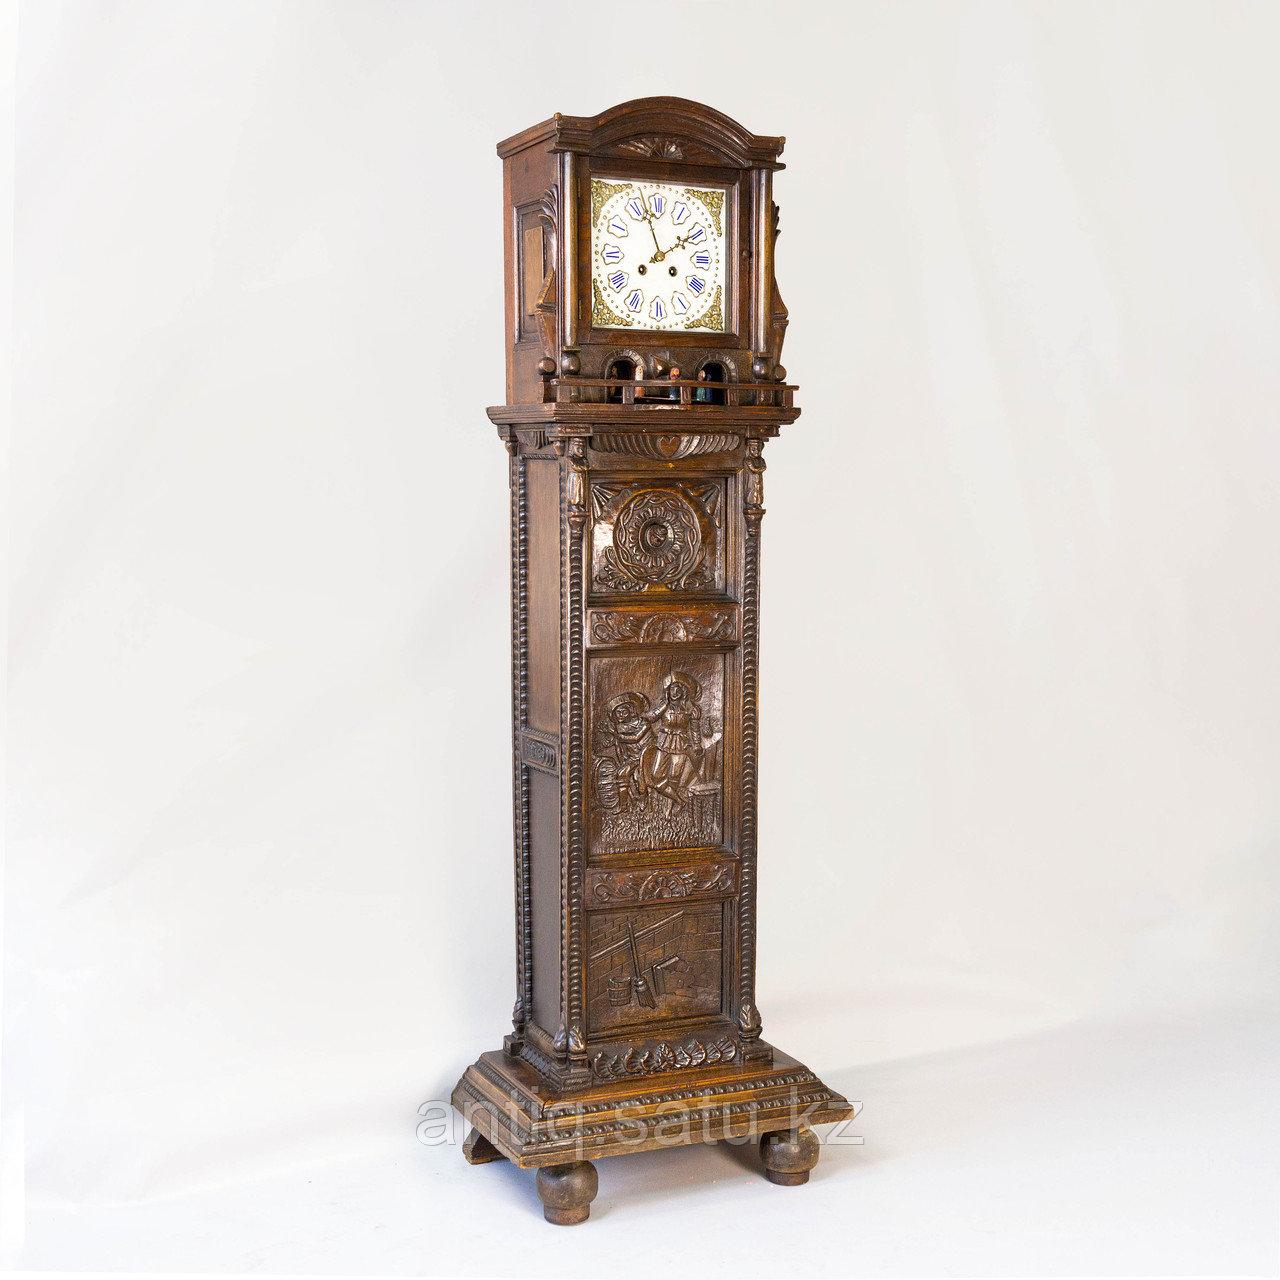 Напольные часы с каруселью. - фото 1